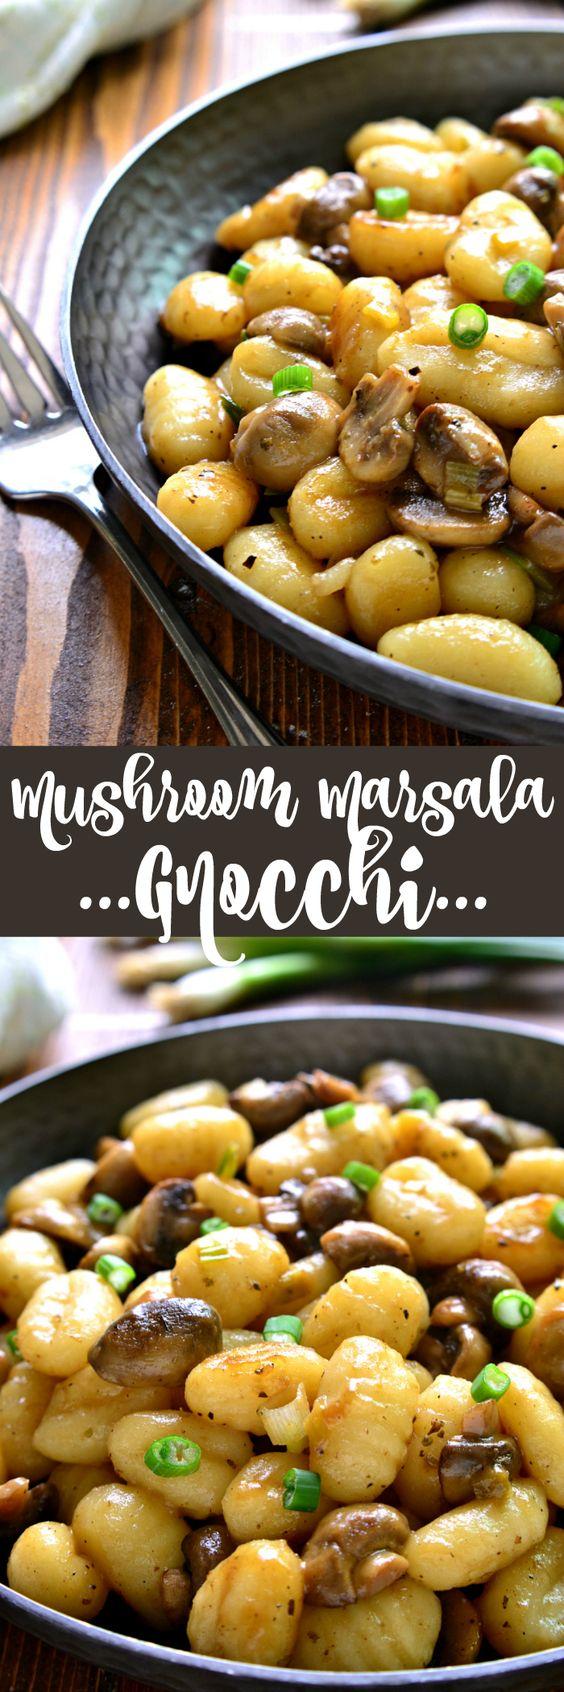 mushroom marsala gnocchi